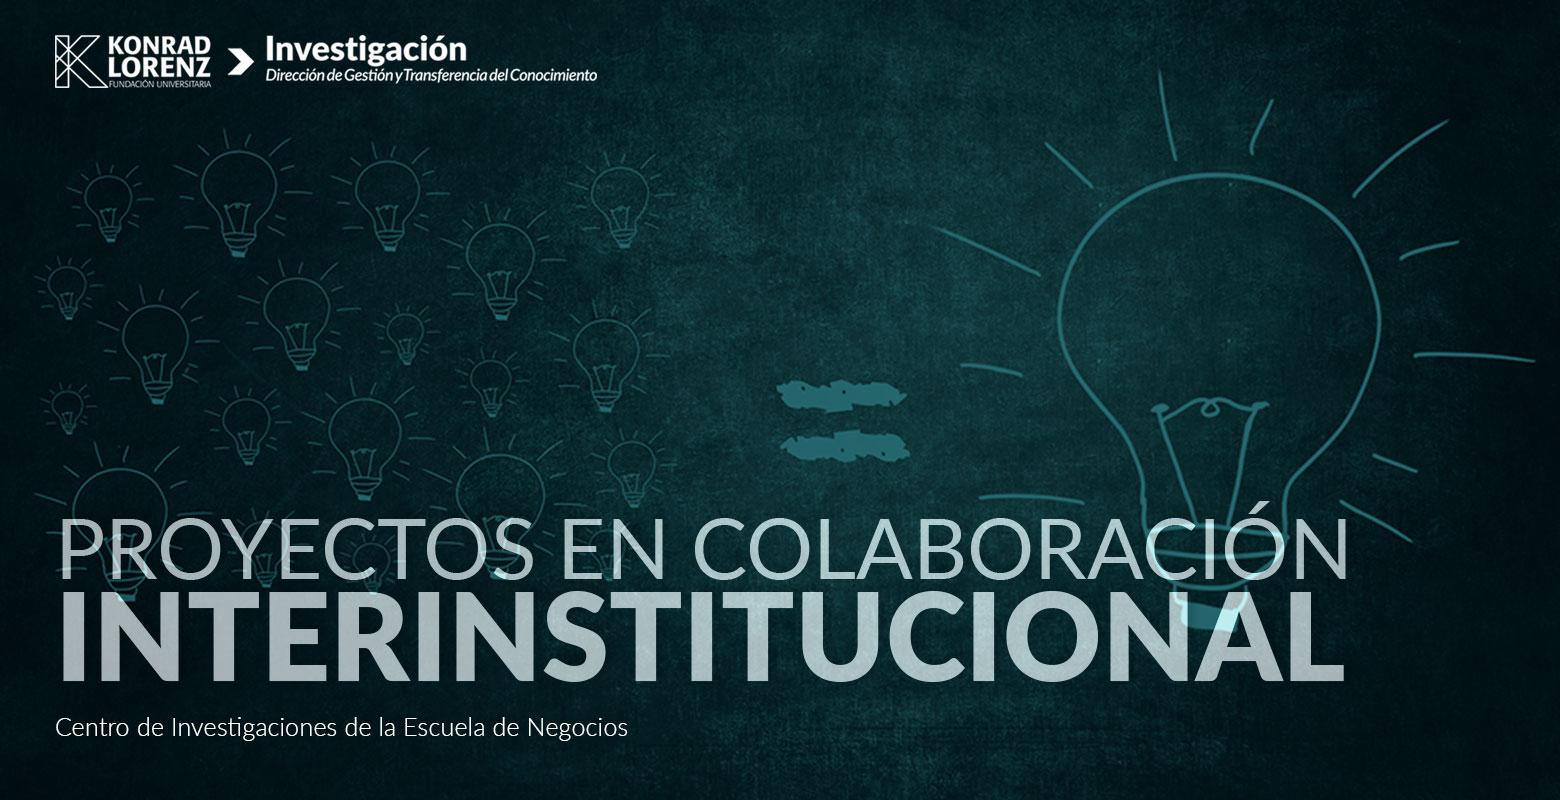 Proyectos en colaboración interinstitucional